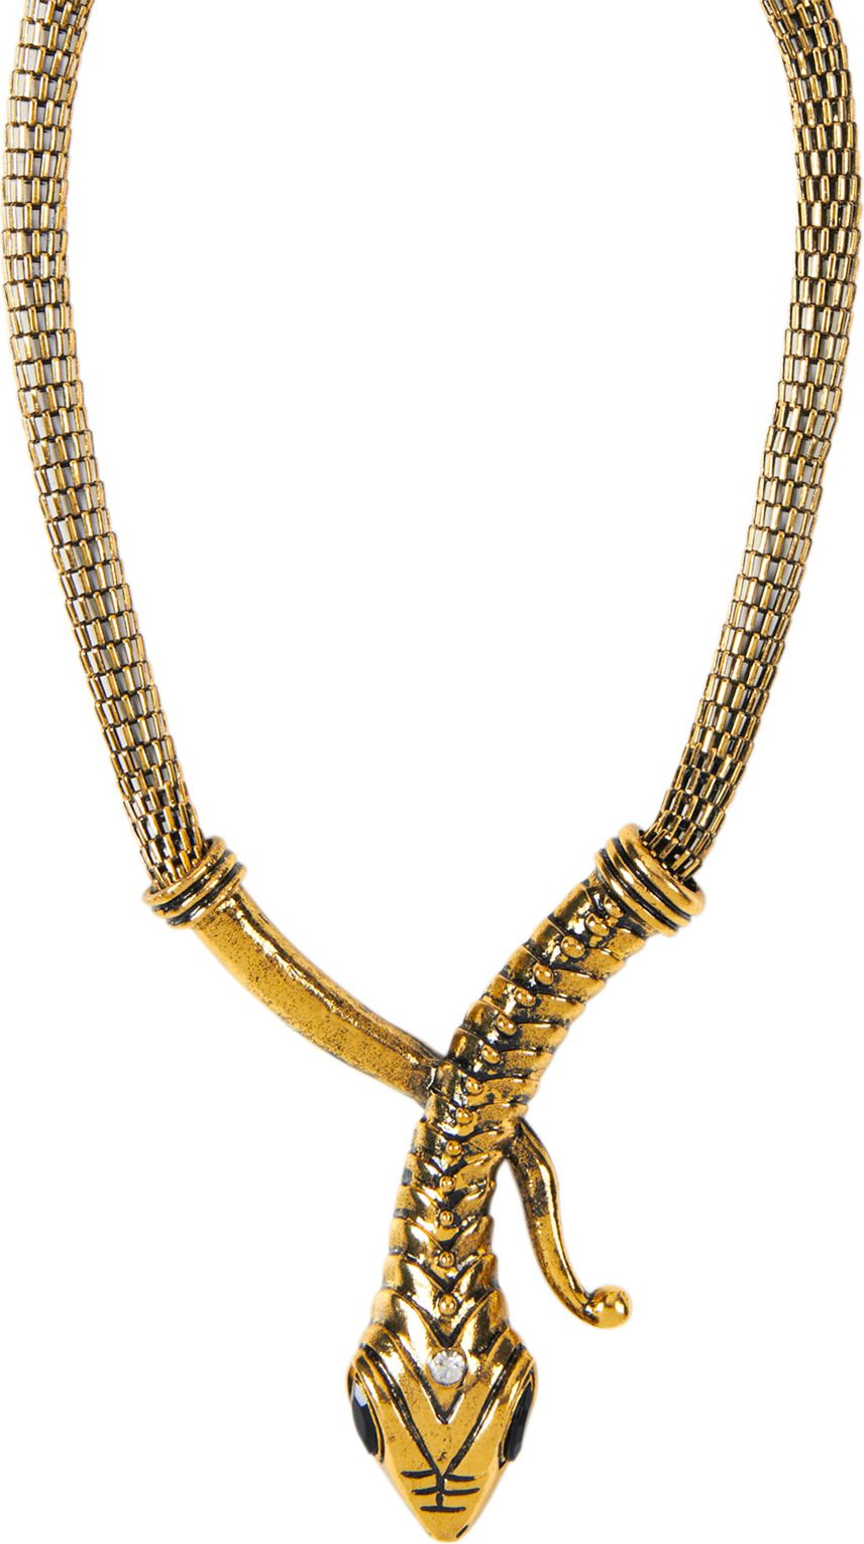 Gouden slangen ketting